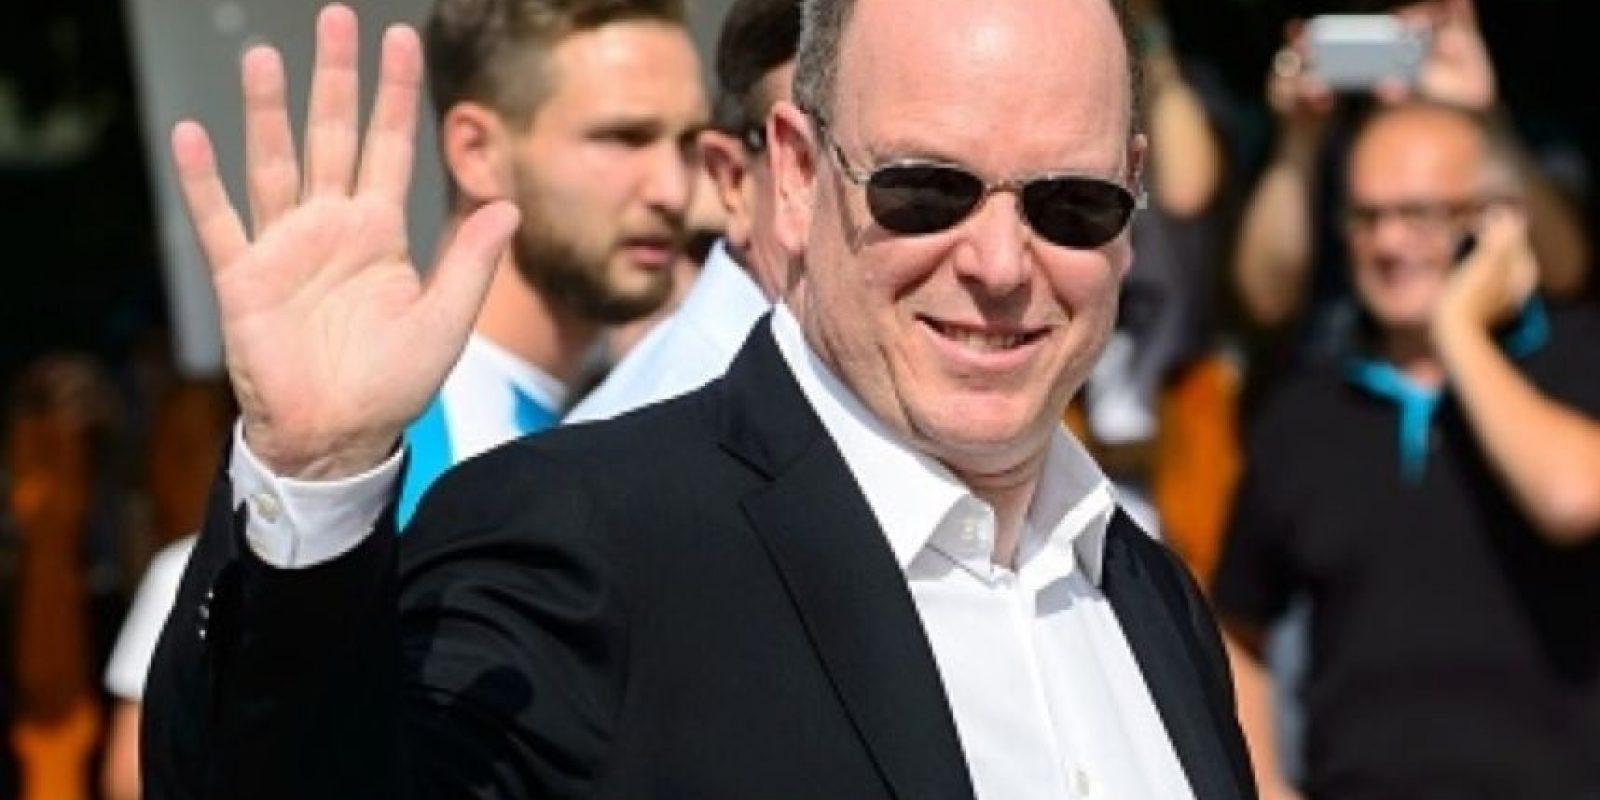 Si no saben quién es el tío de Andrea, se los presentamos: es el príncipe Alberto de Mónaco. Foto:vía Getty Images